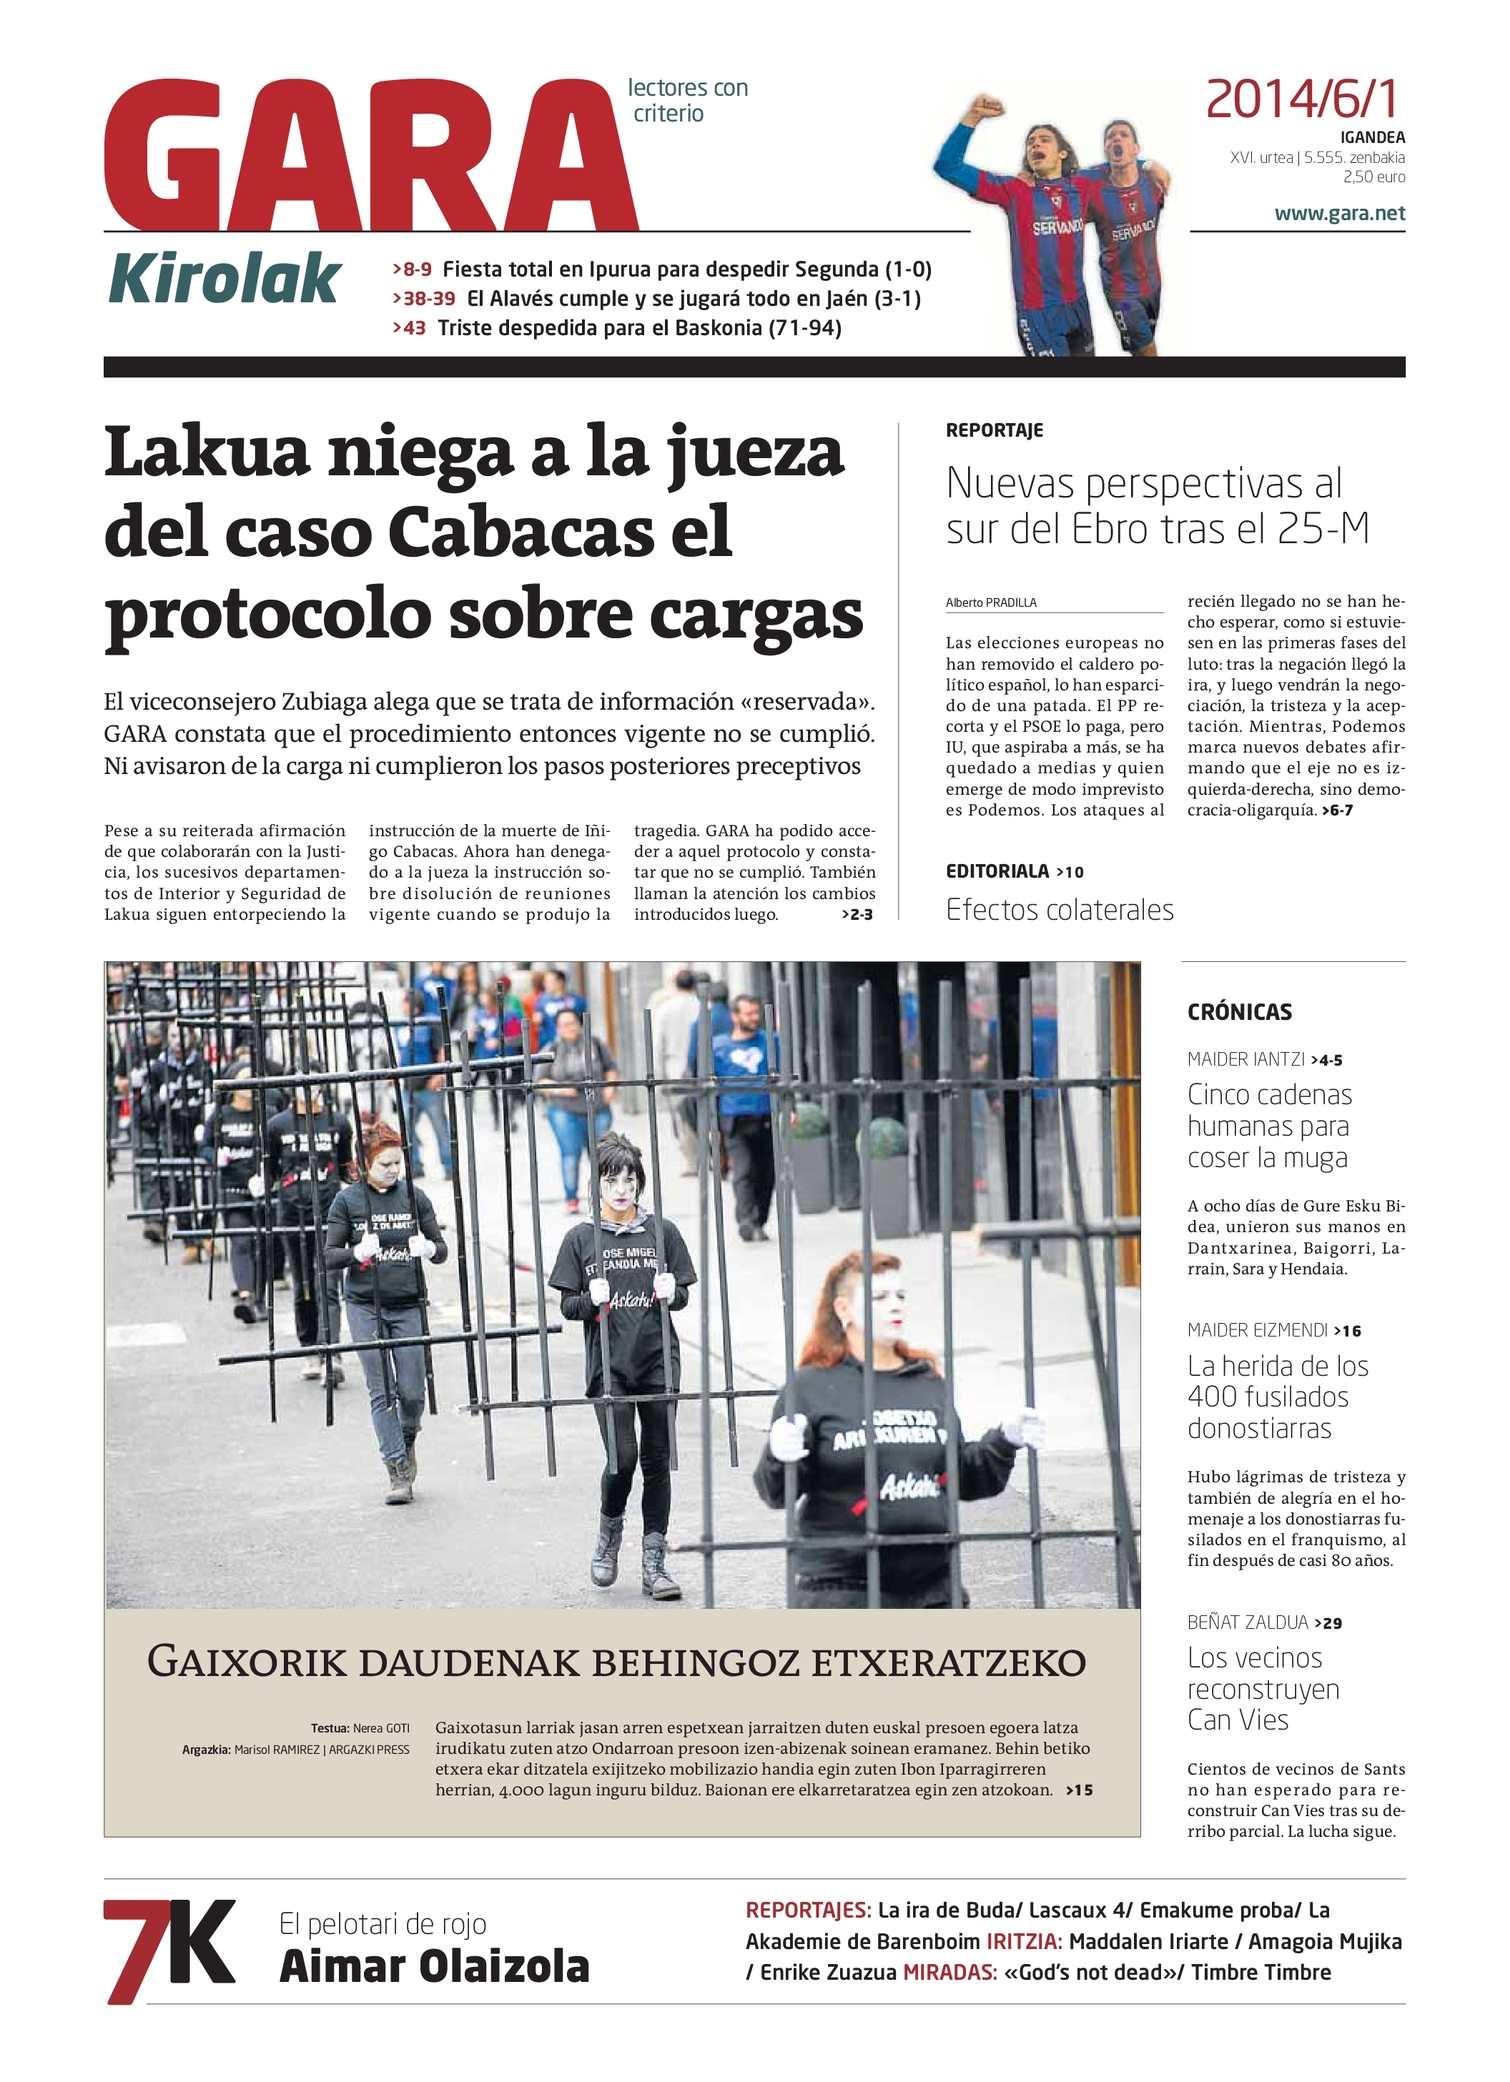 a5fdb62ec026 Calaméo - GARA 20140601